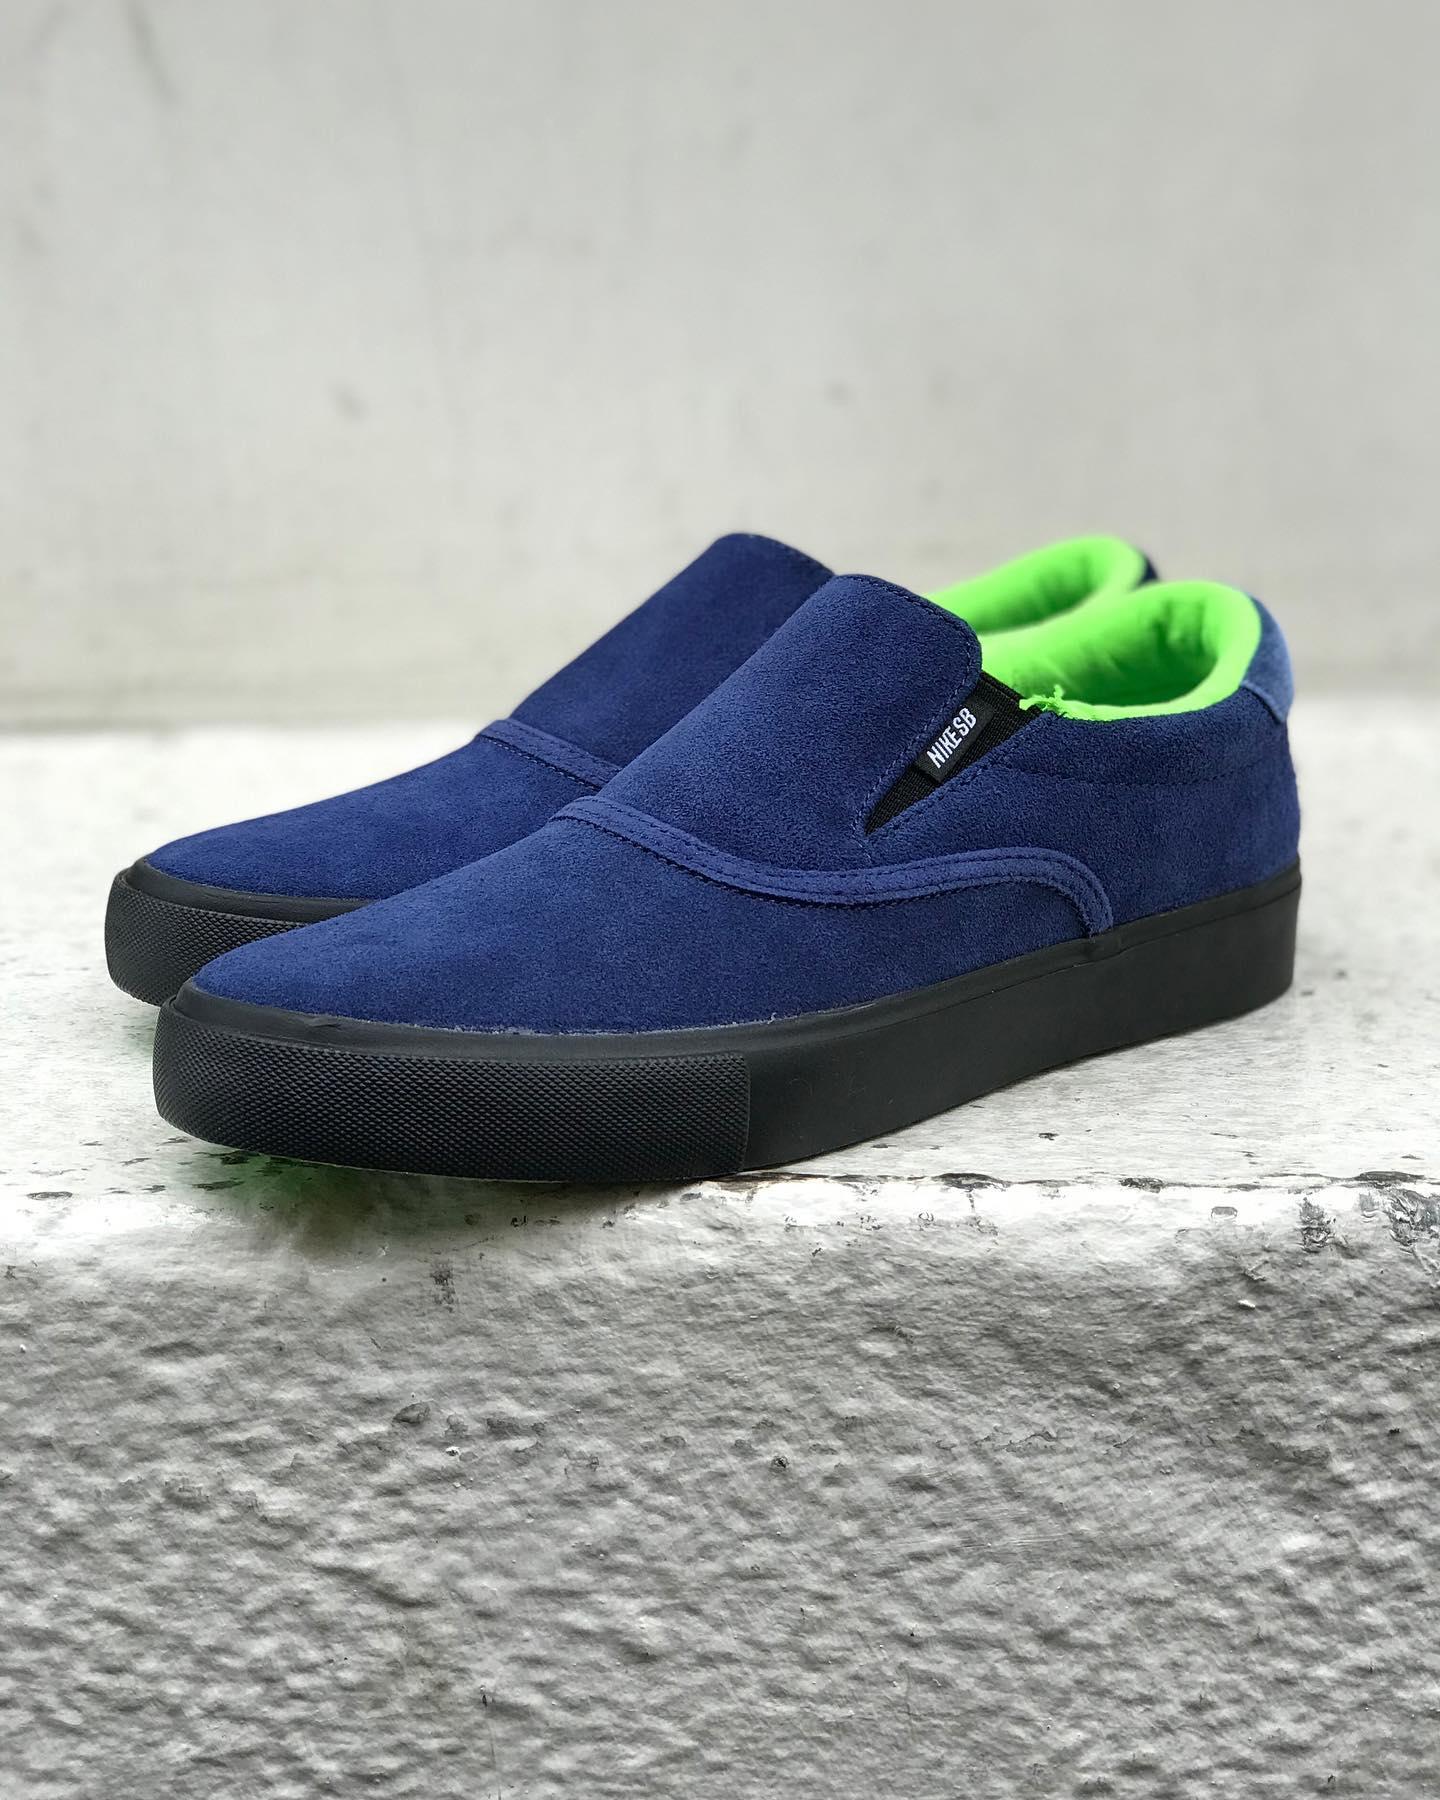 @nikesb x @leo_baker Leo Baker x Nike SB / Zoom Verona Slip耐久性に優れたスエード素材と快適なクッション性のある履き口を採用するNike SBのスリップオンモデル「ベローナ」。かつてないほど柔軟なアウトソールが履き慣らしたようなフィット感を提供。新品でもすぐにスケートボードを楽しめる一足となっております。こちらはNIKE SBチームライダー、レオ・ベイカーによるモデル。2020年、Cher Strauberry、Stephen Ostrowskiらと「Glue Skateboards」を立ち上げたLeo。Glueでもイメージカラーとして使われている鮮やかなグリーンのアウトソールをはじめ、インソールのデザインなど全てをLeo自身が手掛けています。